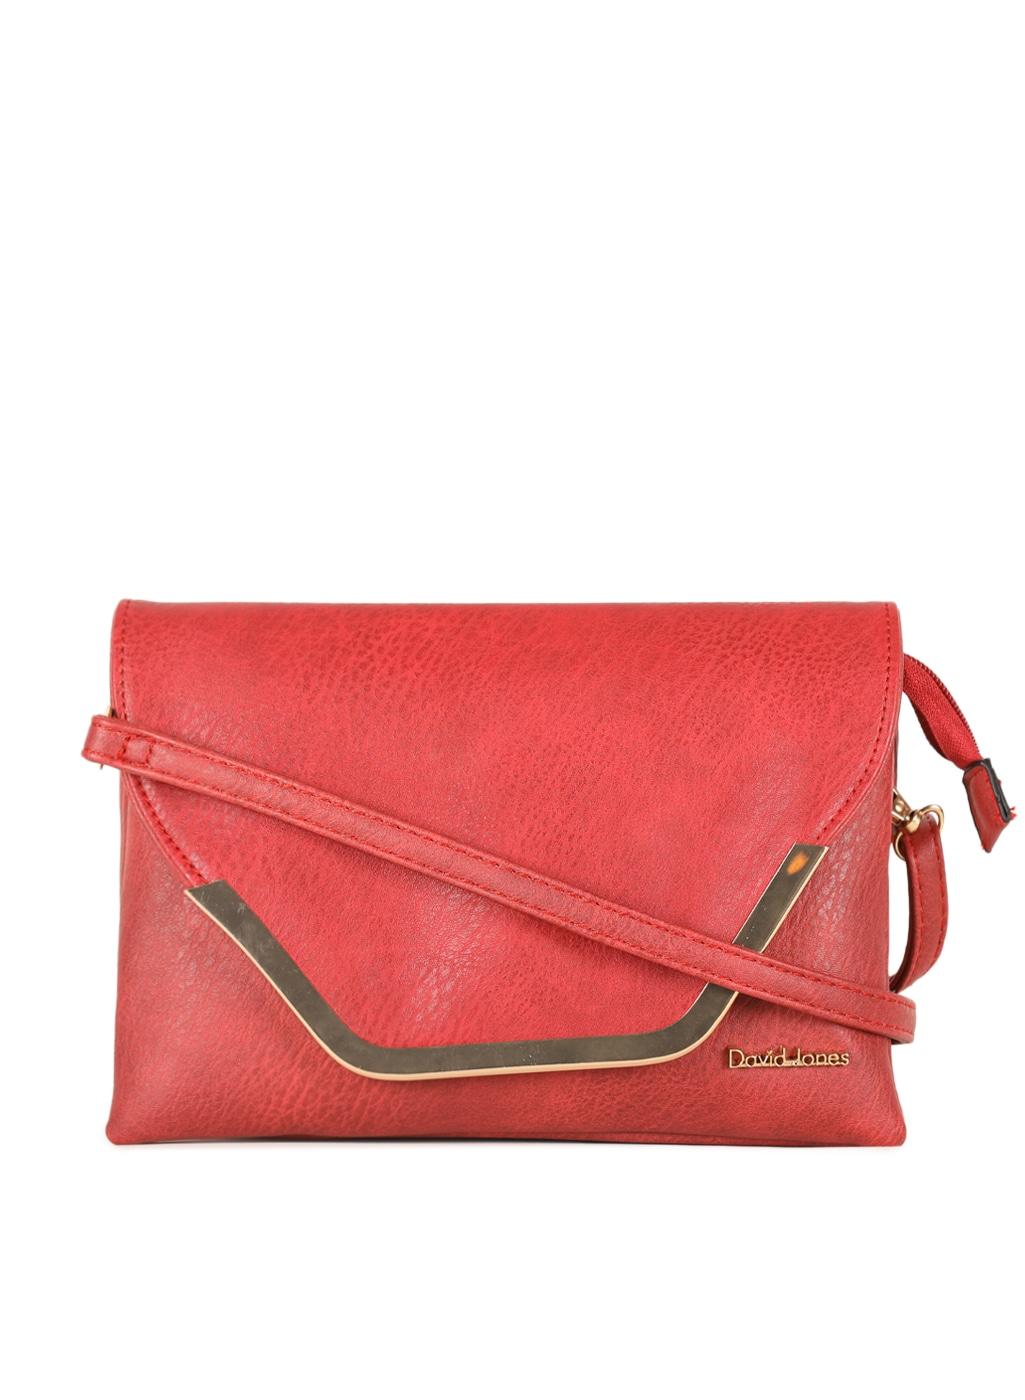 2bf406f8a8cf Eye Mascara Handbags - Buy Eye Mascara Handbags online in India